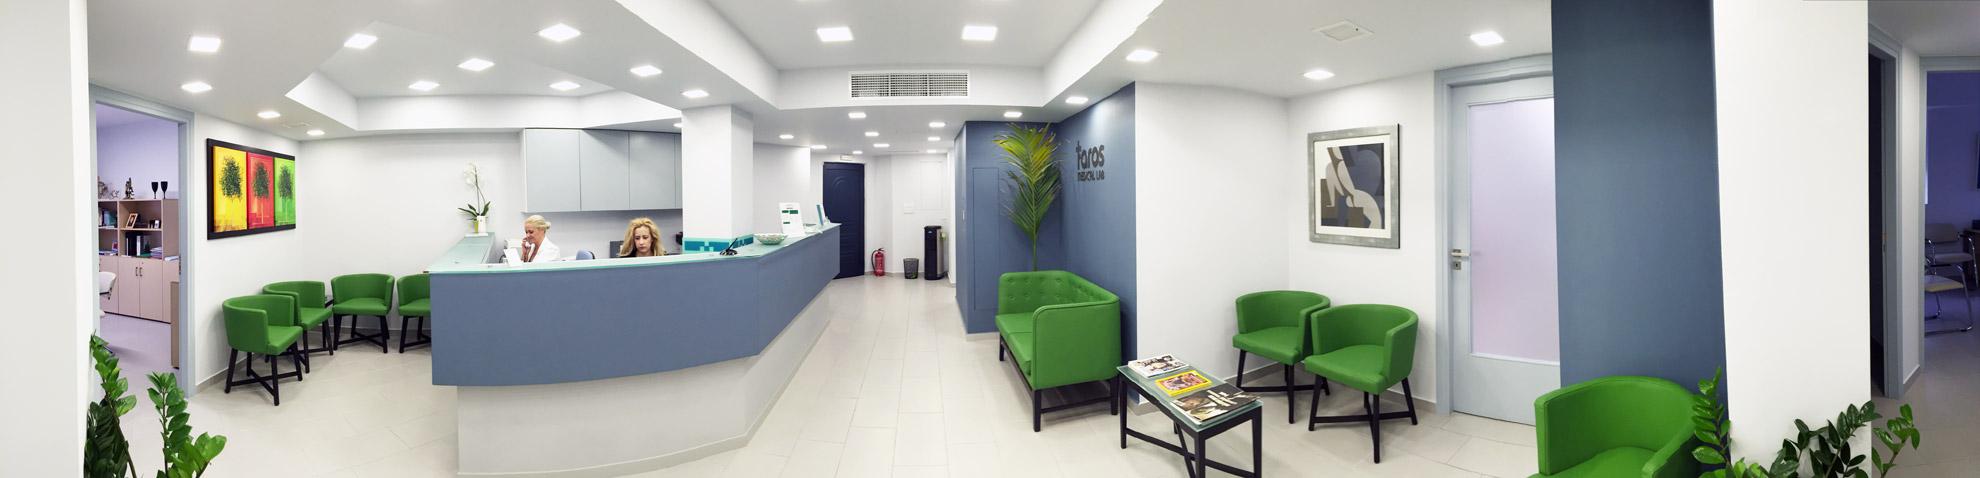 Διαγνωστικό Κέντρο Ψυχικό